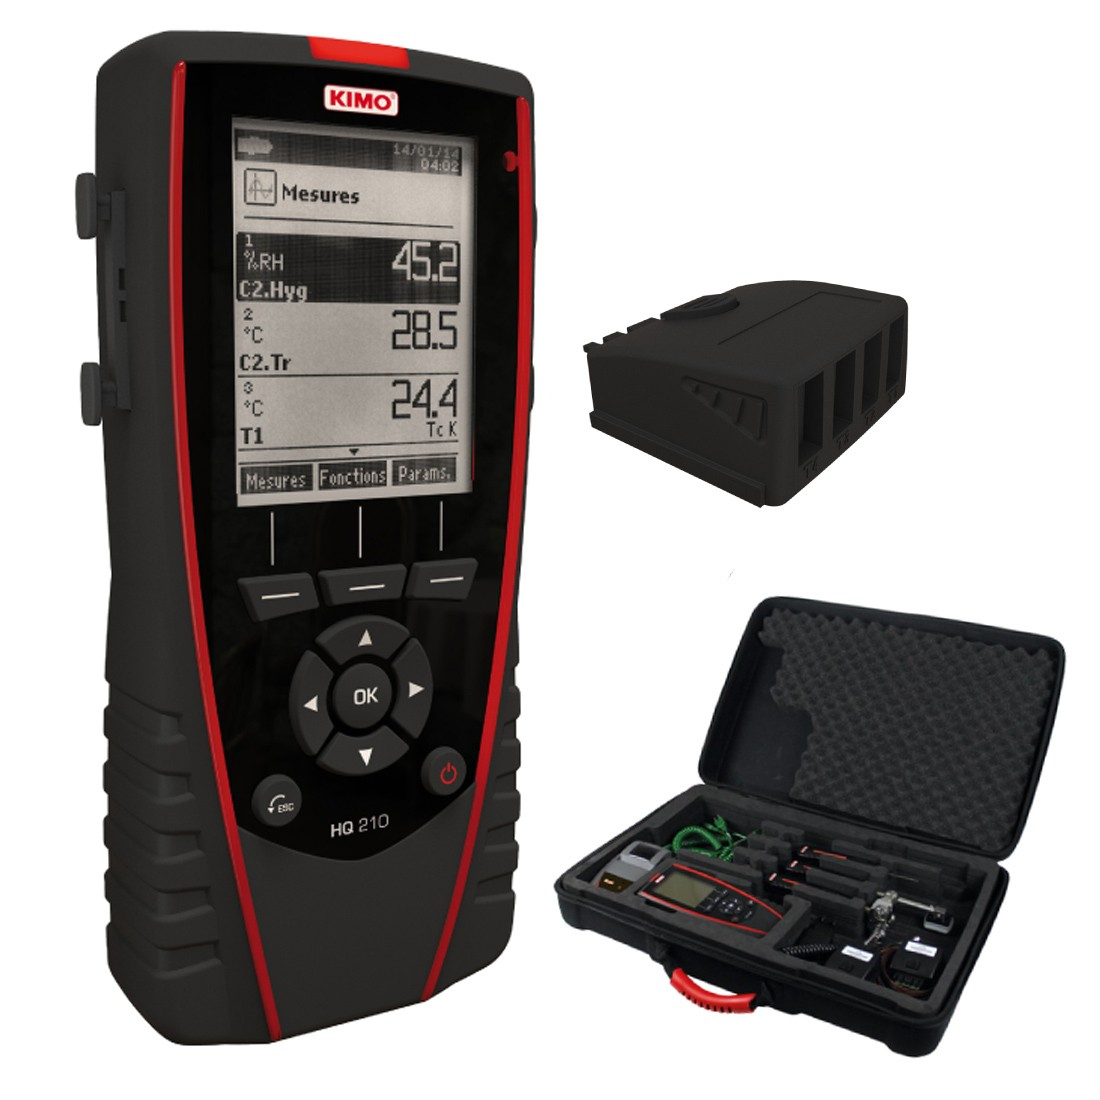 KIMO TM 210 Profithermometer